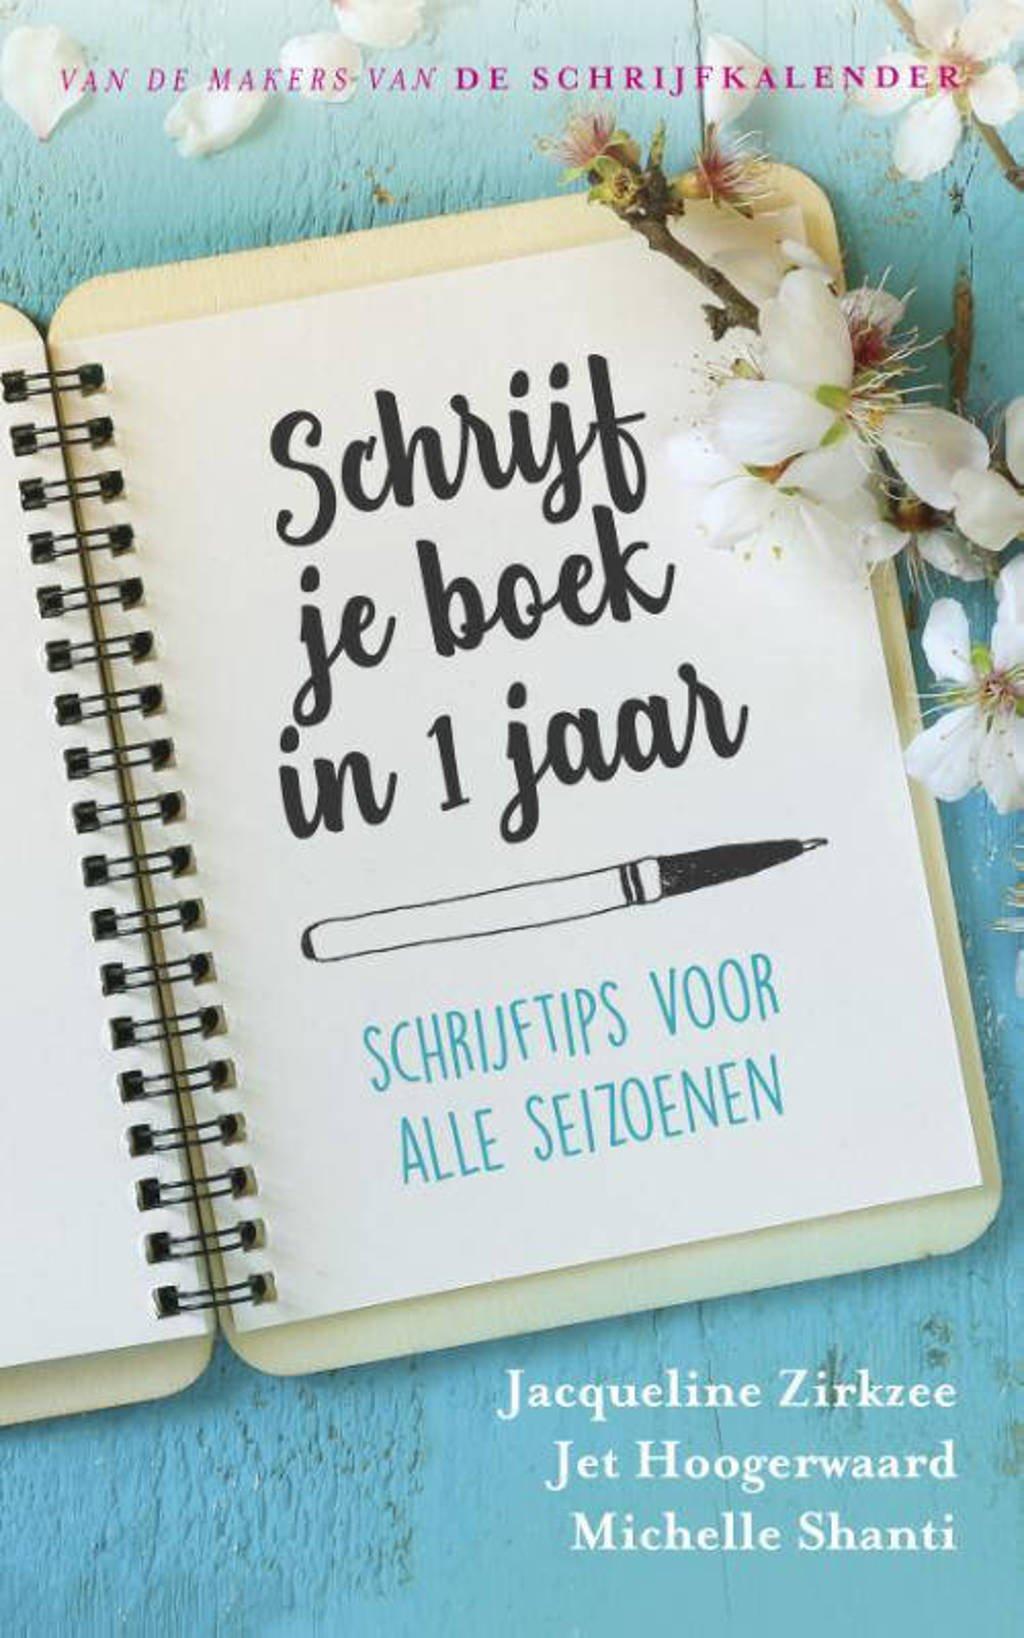 Schrijf je boek in 1 jaar - Michelle Shanti, Jet Hoogerwaard en Jacqueline Zirkzee